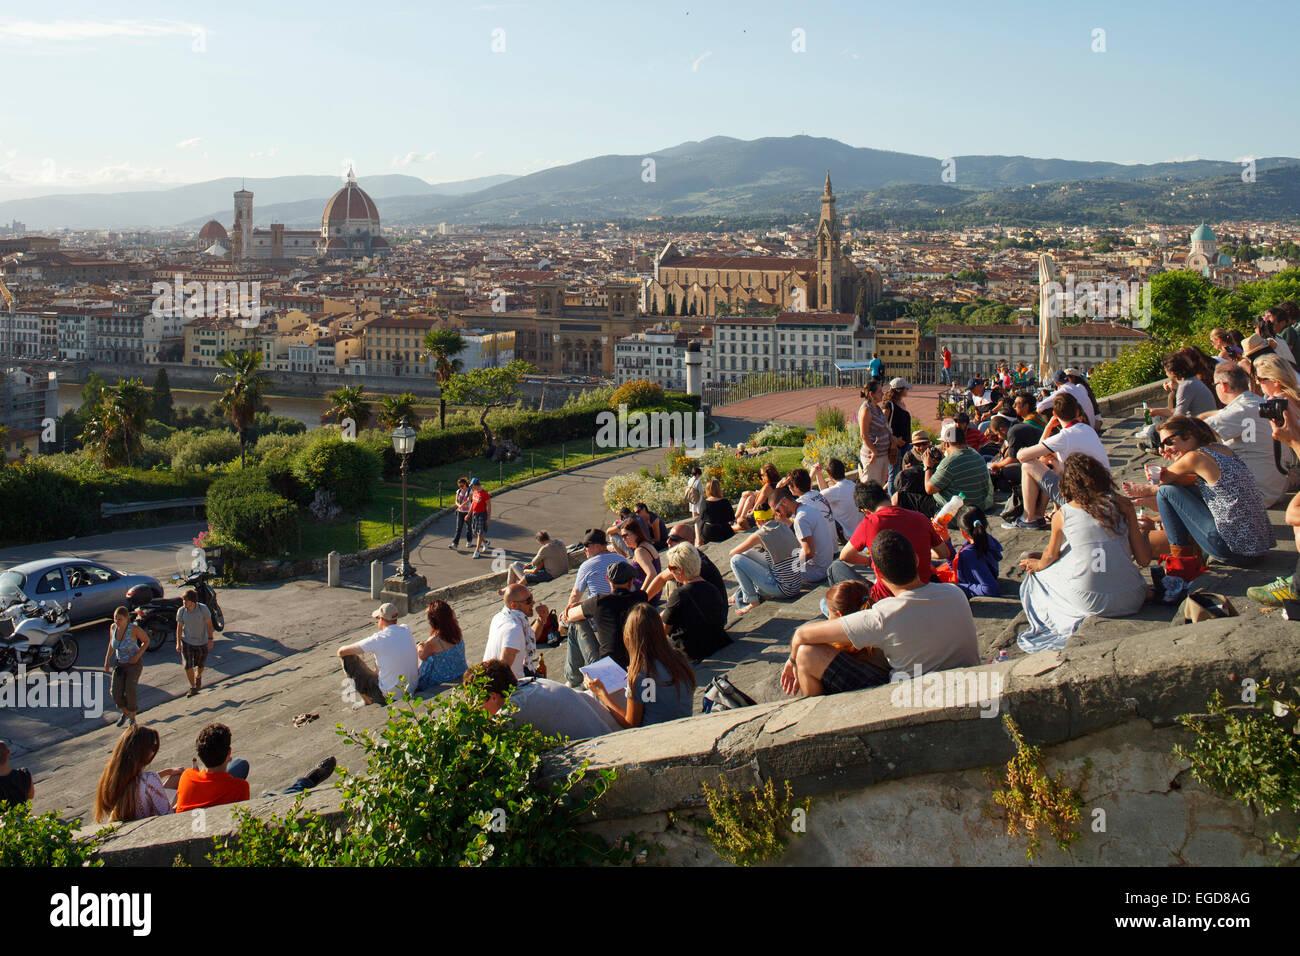 Punkt von Piazzale Michelangelo, Michelangelo Square, Treppe, anzeigen Firenze, UNESCO-Weltkulturerbe, Firenze, Stockbild